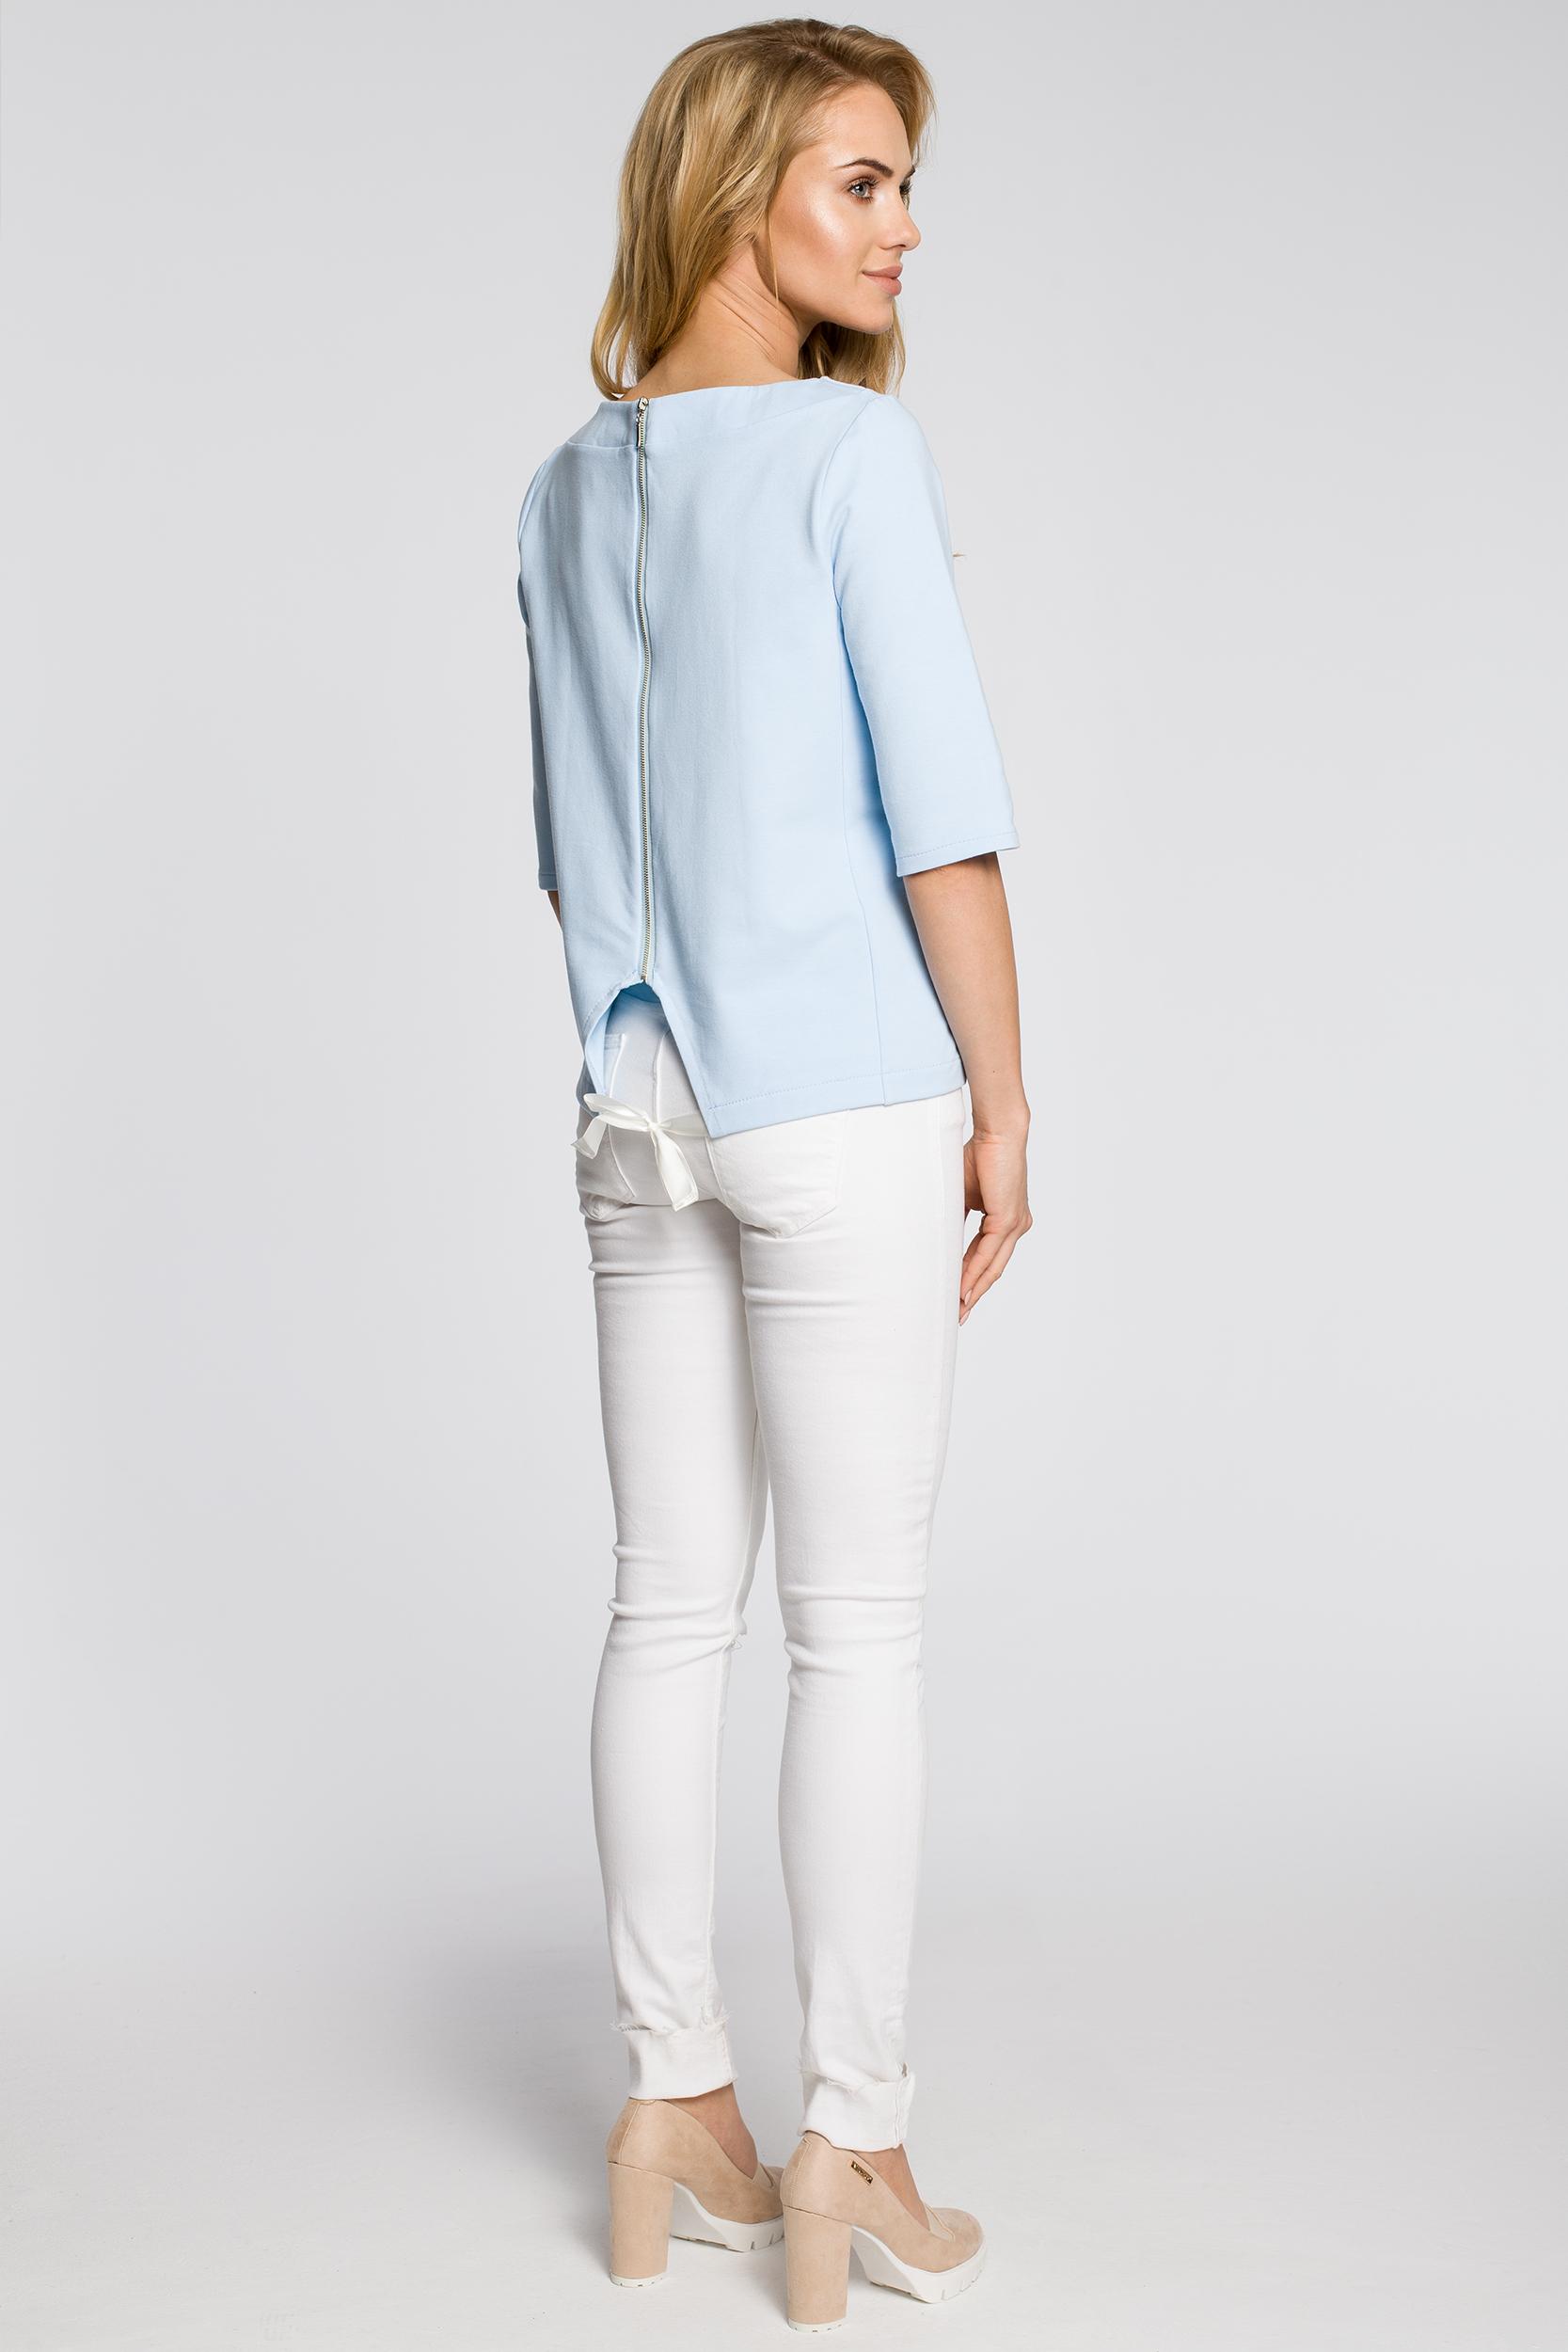 CM2219 Dresowa bluzka damska z wiązaniem na plecach - błękitna